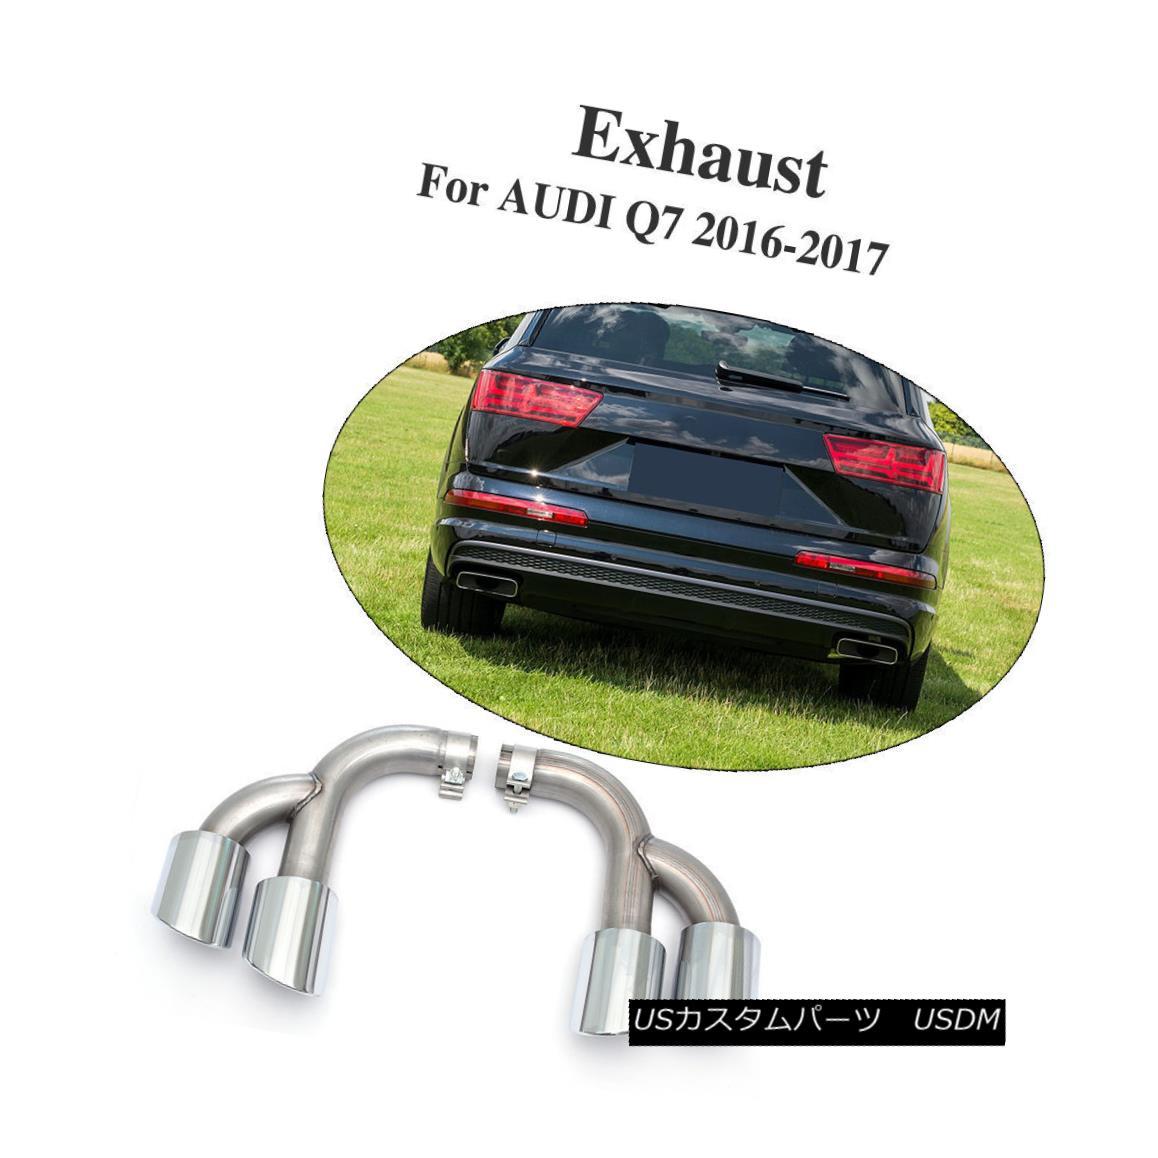 エアロパーツ Stainless Steel Sport Exhaust Tip Tail Quad Pipes Fit For Audi Q7 Type 4M 16-17 ステンレススチールスポーツ排気口テールクワッドパイプは、アウディQ7タイプ4M 16-17に合う